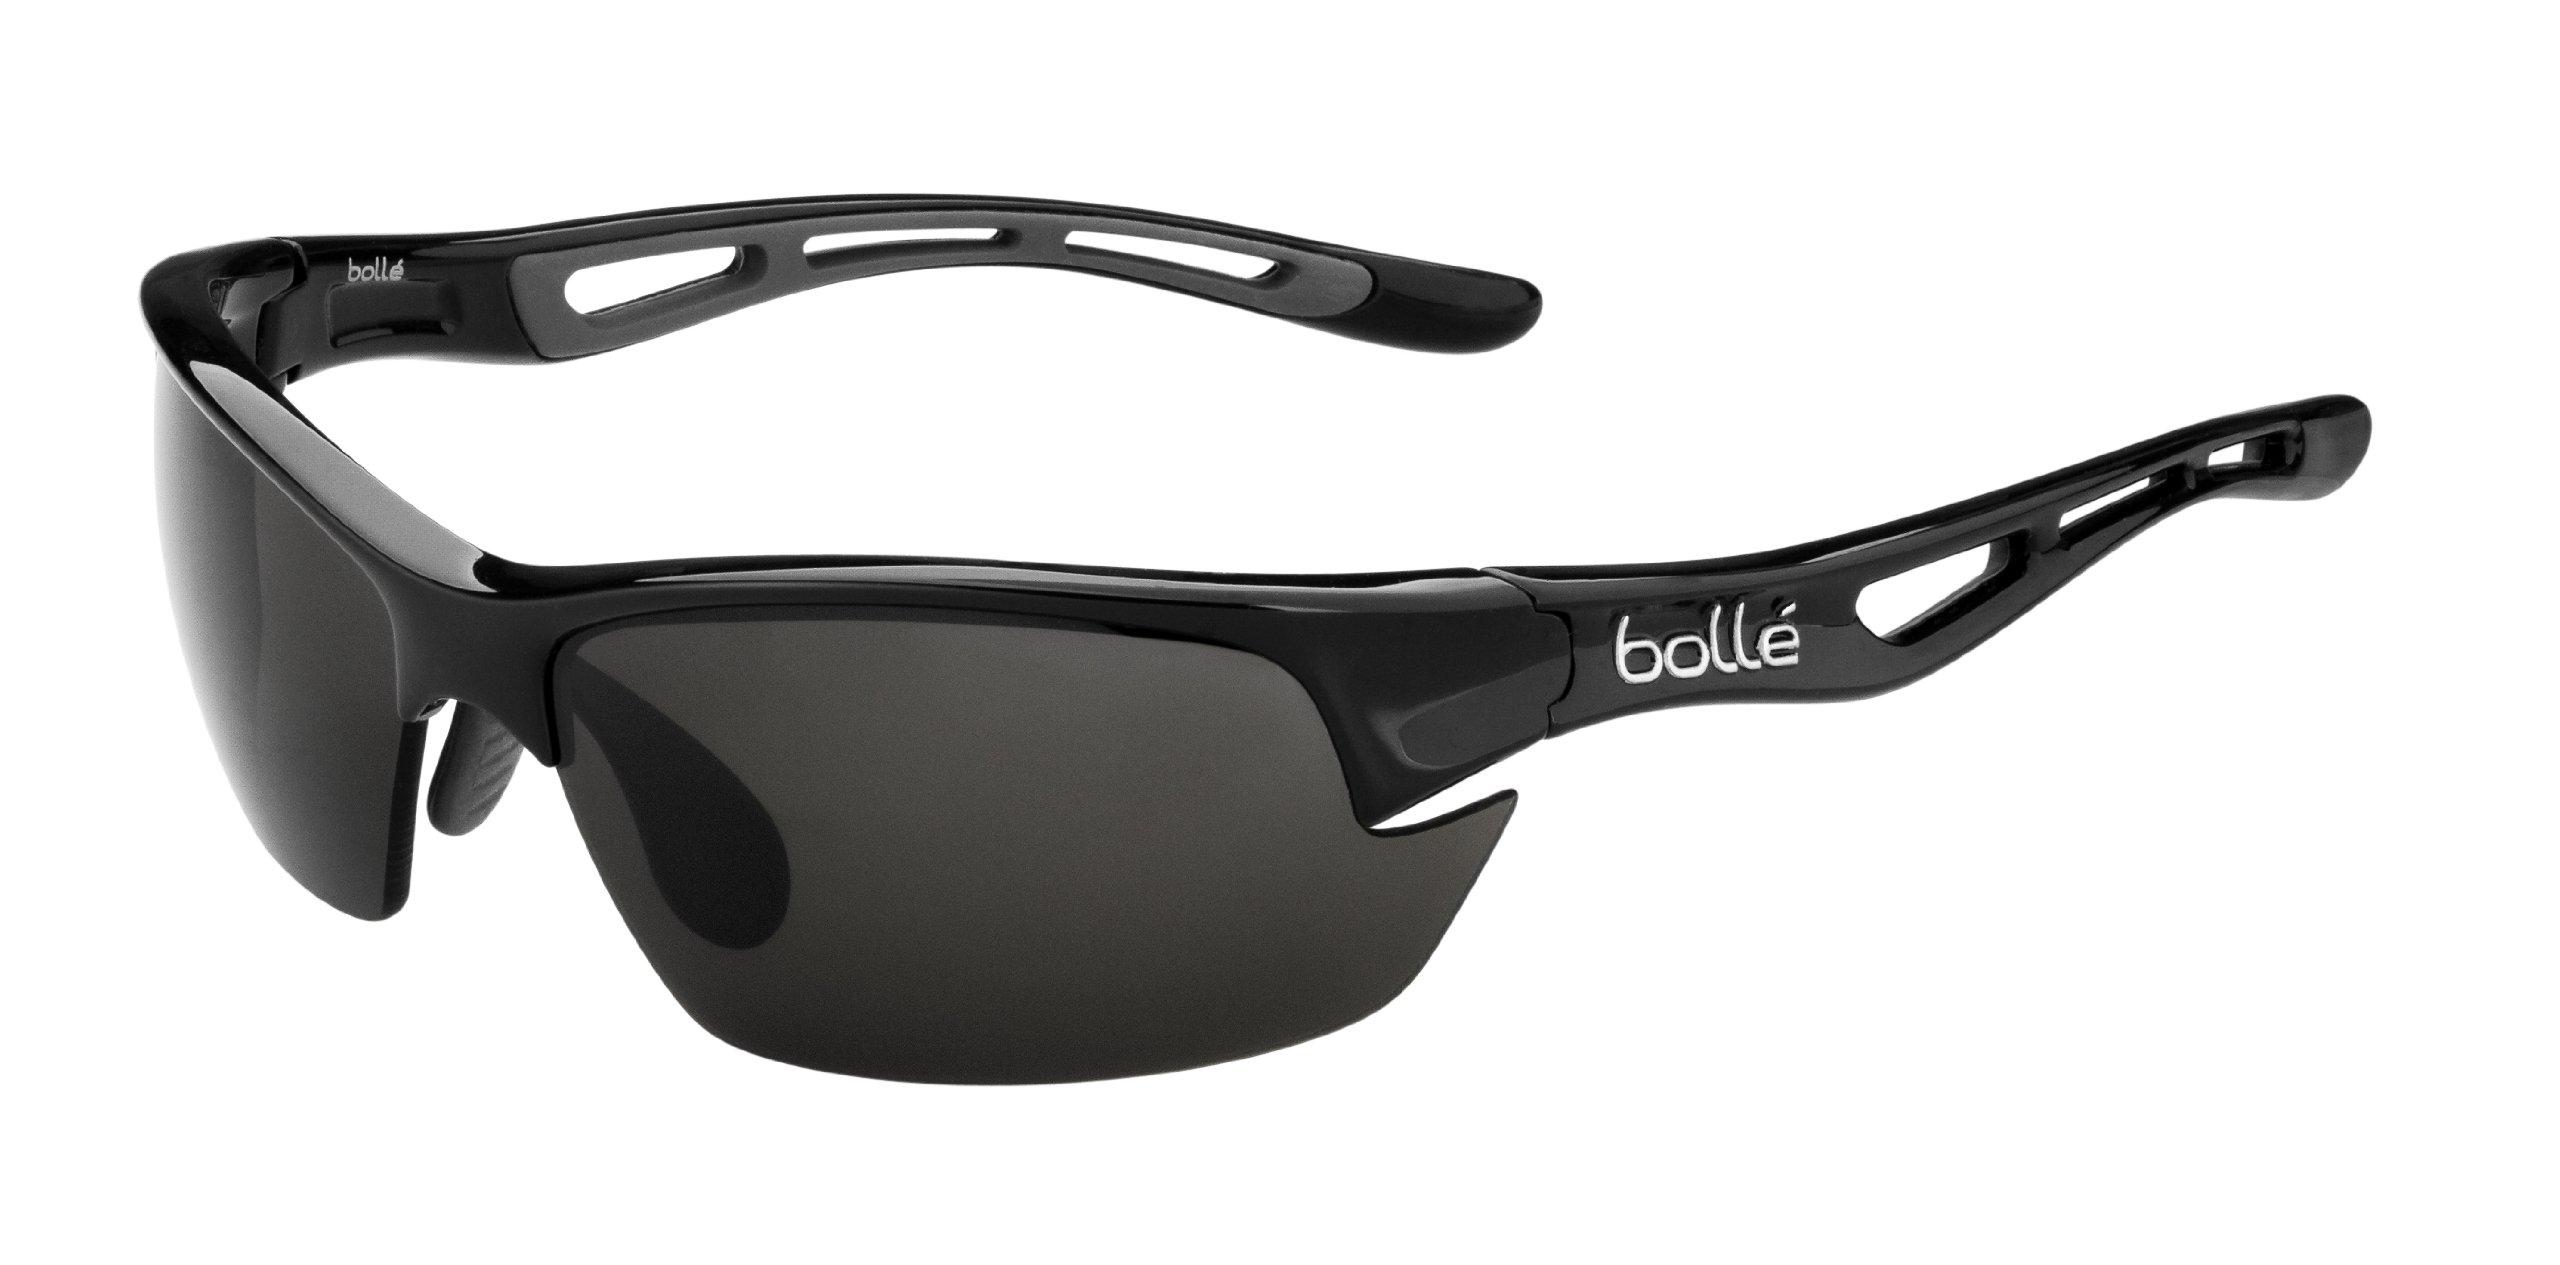 Bolle Bolt S Pc Polar Tns Oleo AF, Shiny Black by Bolle